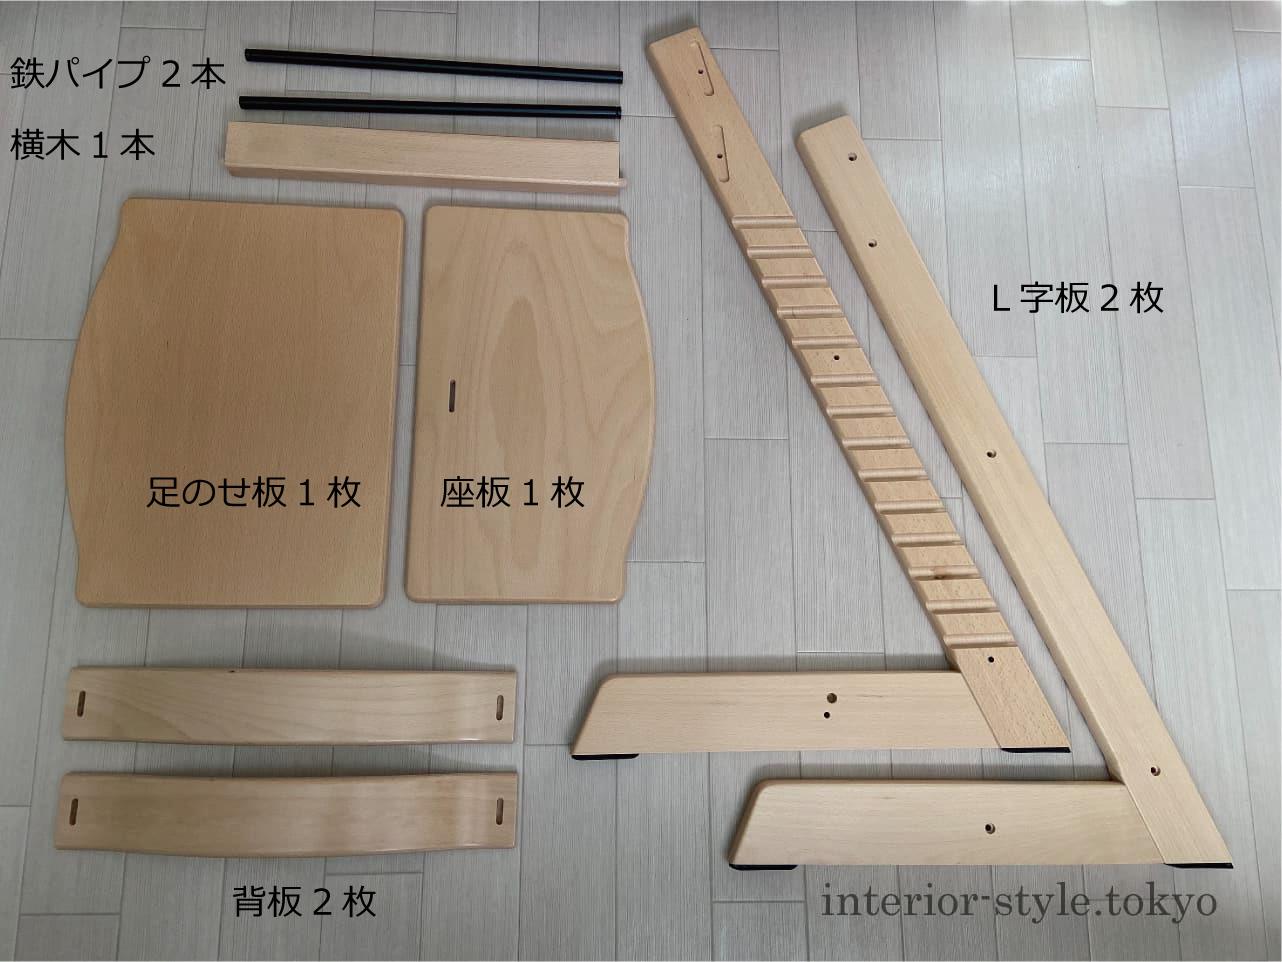 トリップトラップチェアの組立てに使う板